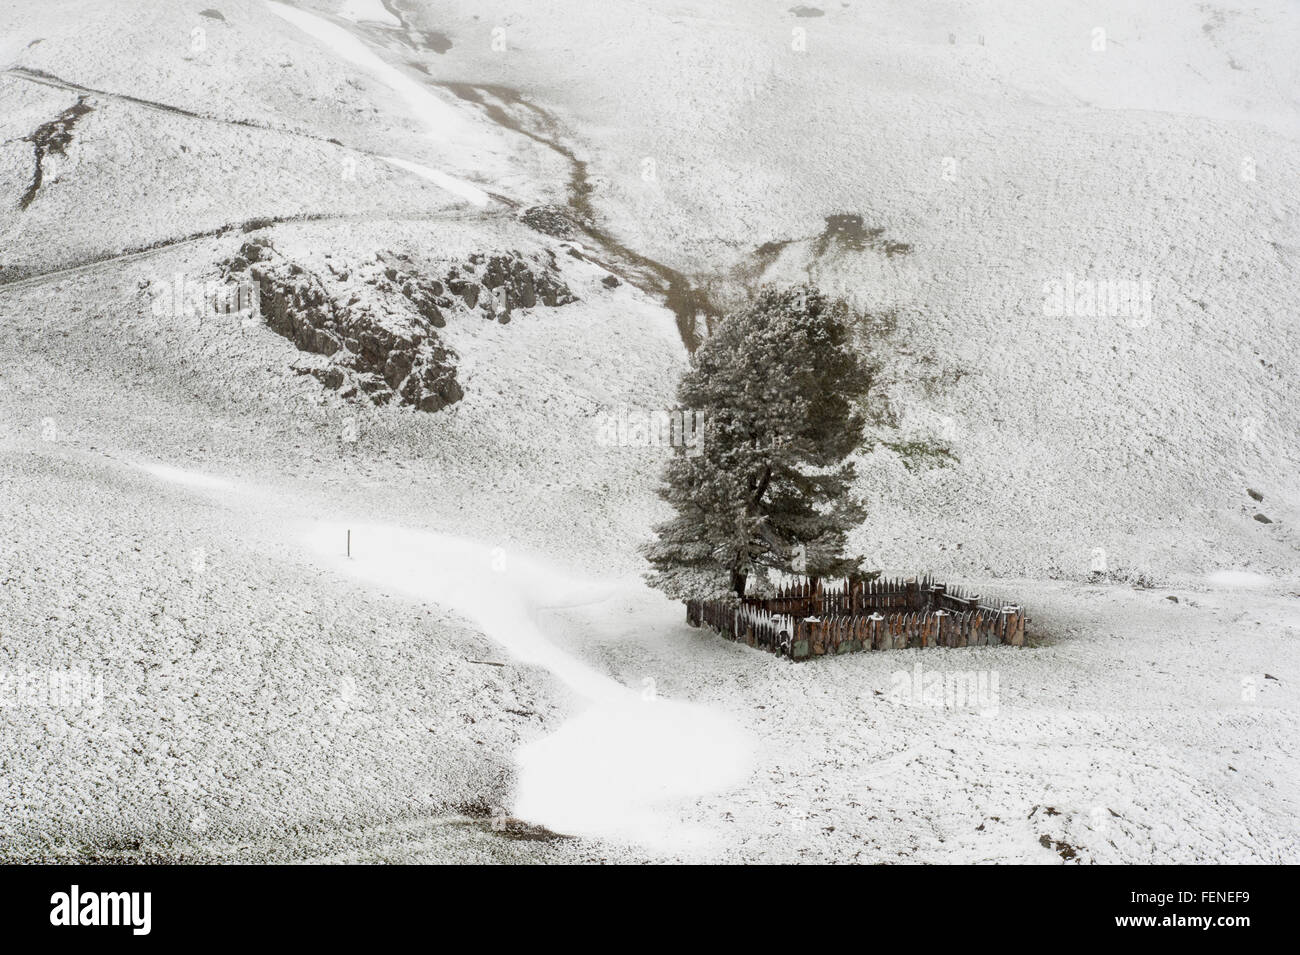 Julierpass, Winter, Schnee, Kanton Graubünden, Alpen, Schweiz    Julier Pass, winter, snow, Graubünden, - Stock Image